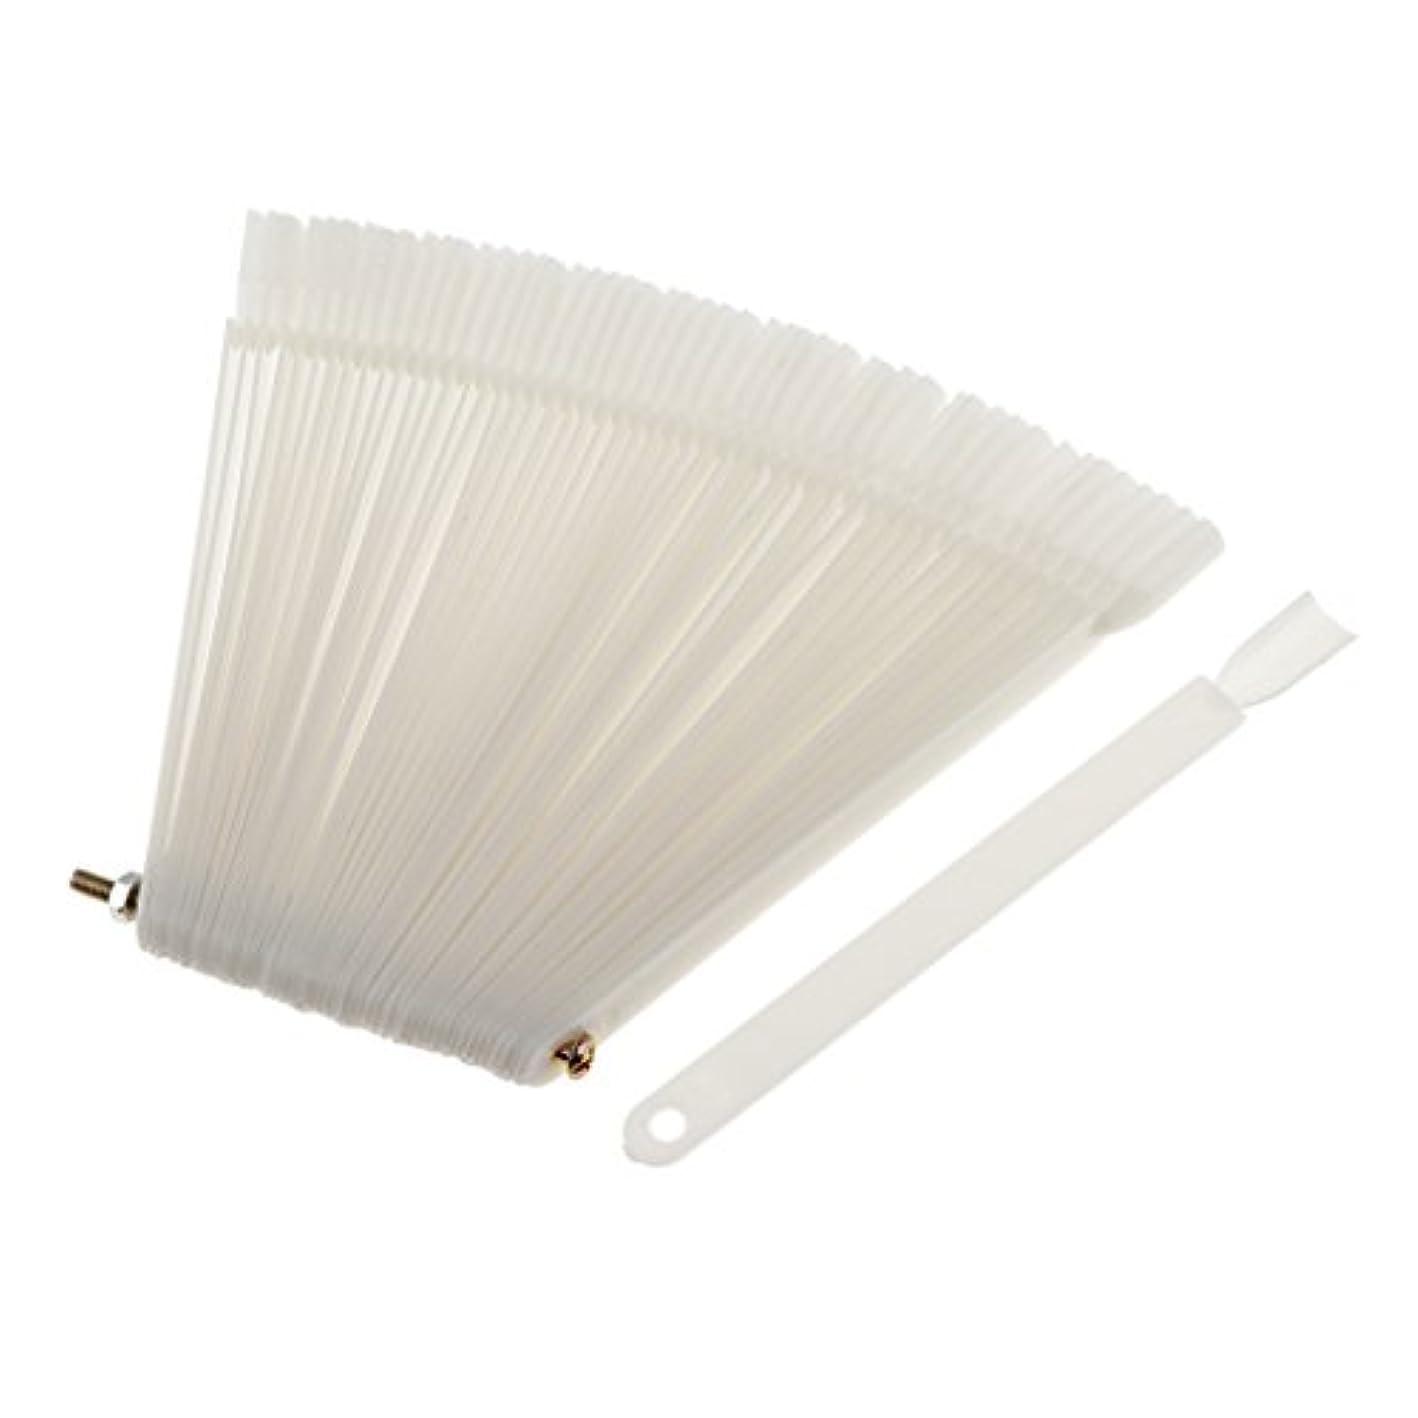 同化フォーマット匹敵します約50ピース ネイルヒント 磨きネイルアートチップ ポップカラースティック ディスプレイ ファンキット 3色選べ - 白